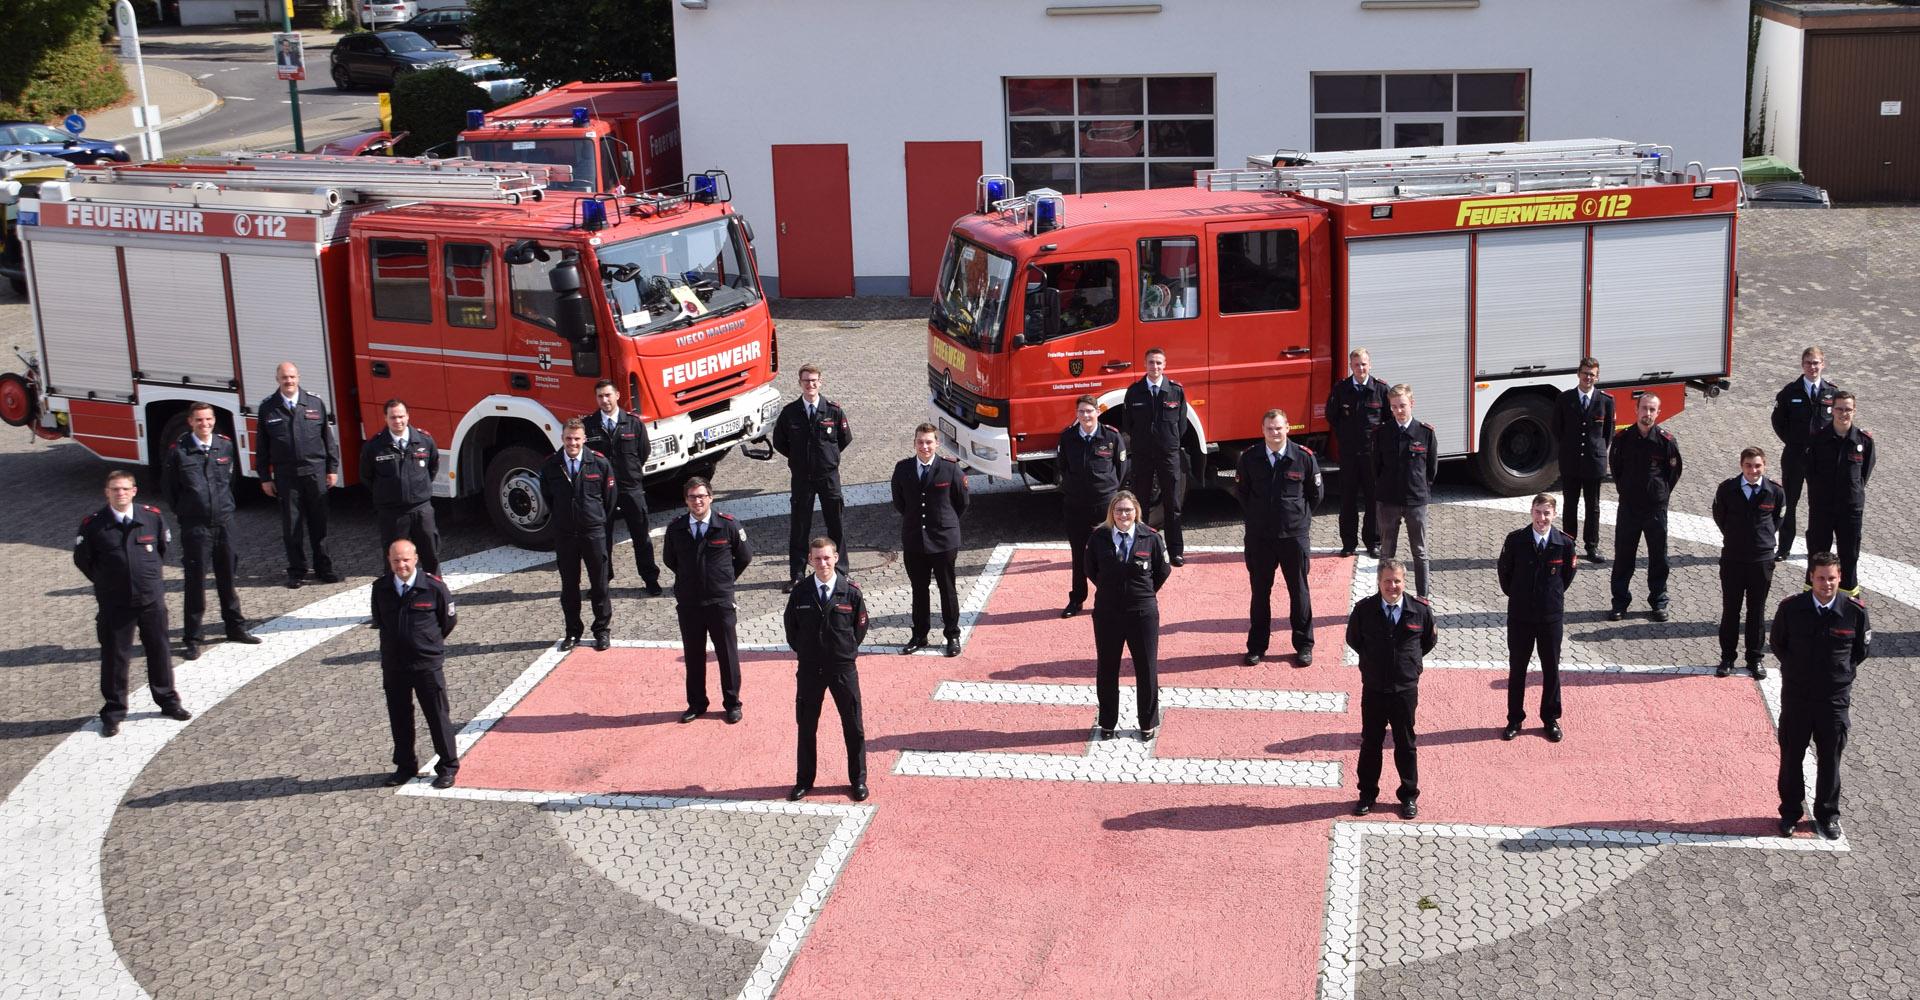 25 Feuerwehrkräfte aus dem Kreis Olpe weiter ausgebildet